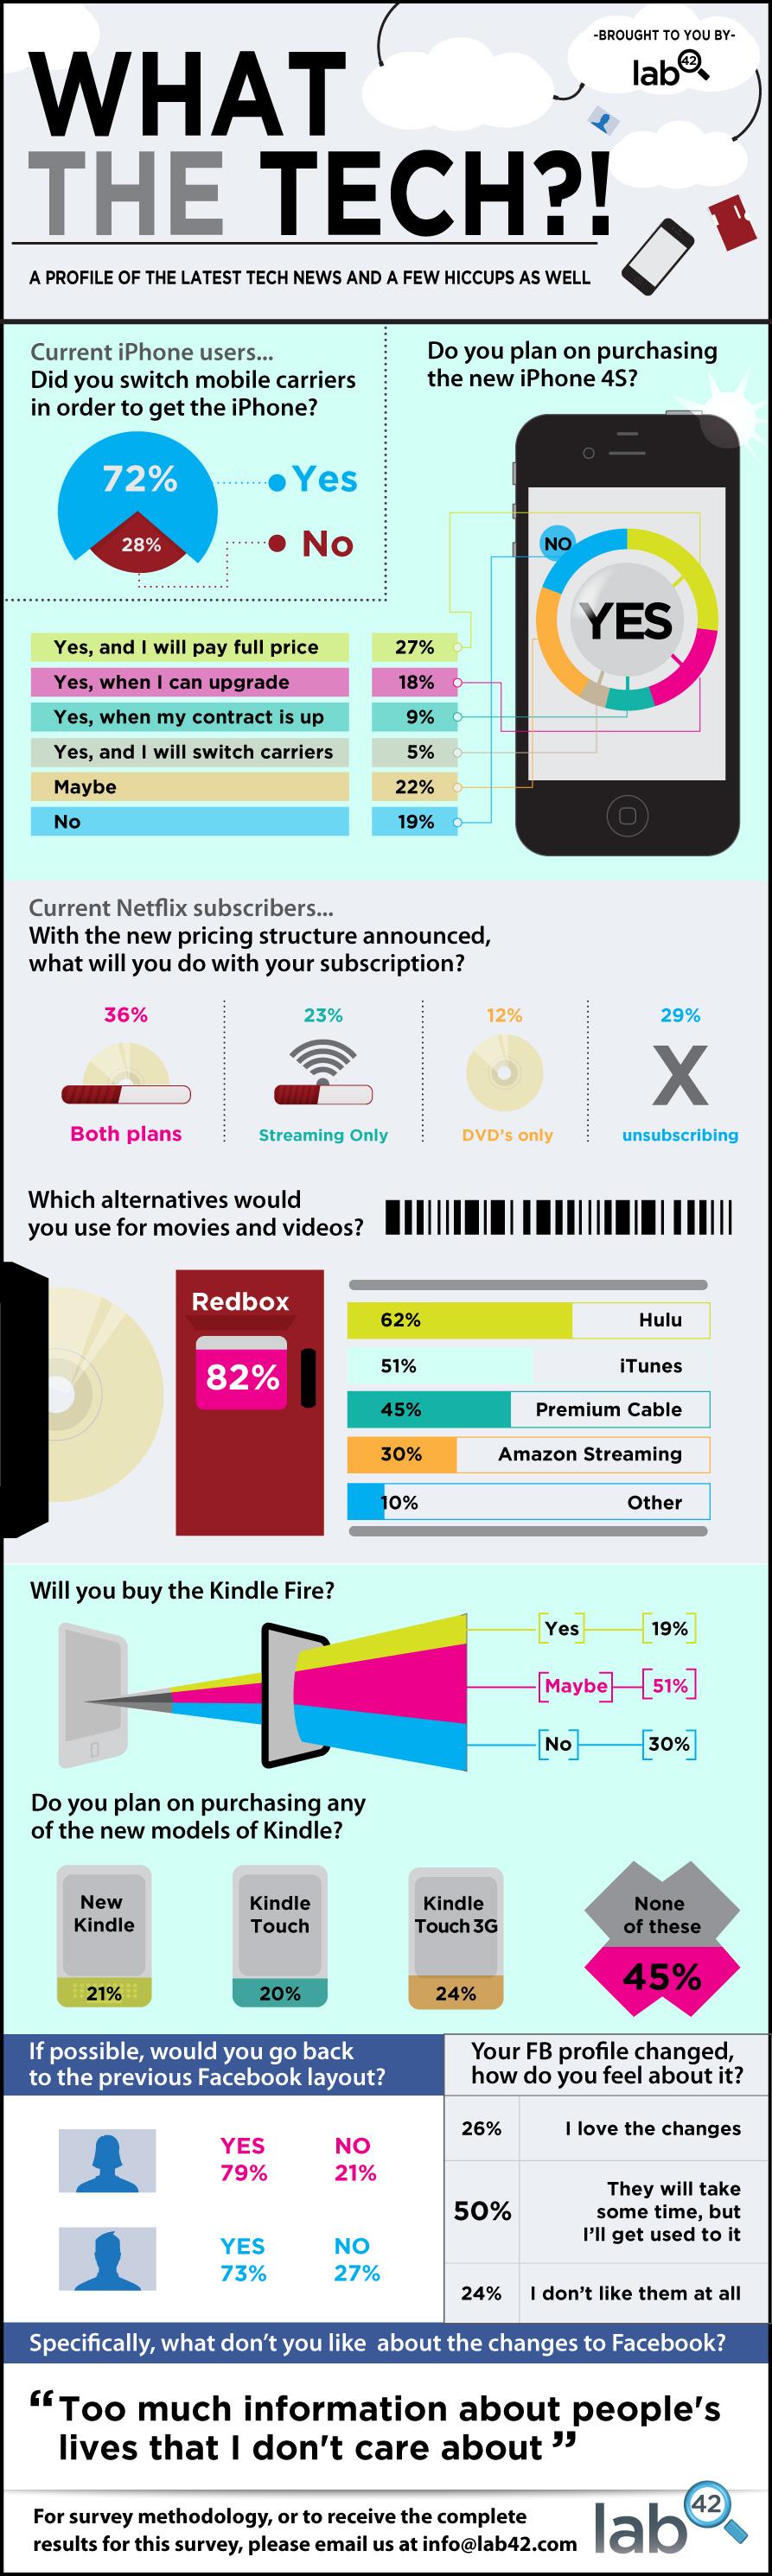 ¿Qué piensan los usuarios de las nuevas tecnologías?